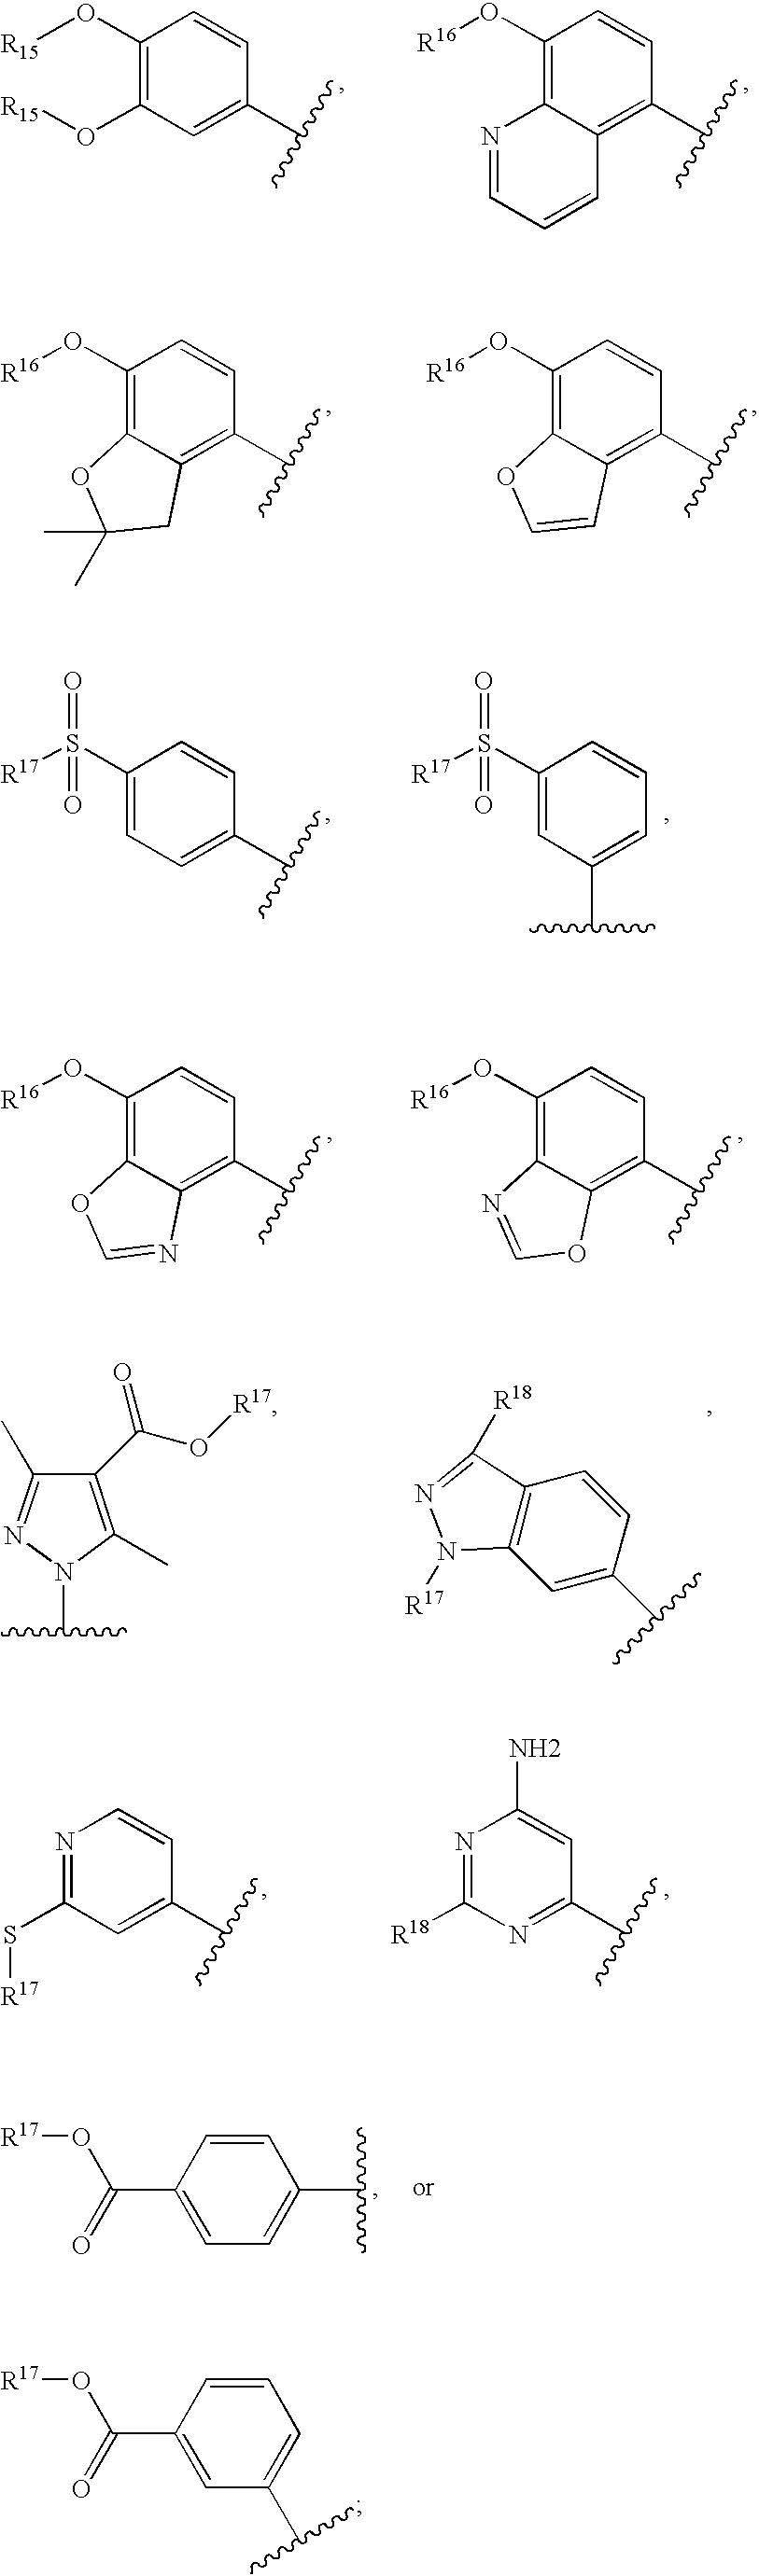 Figure US07605168-20091020-C00004